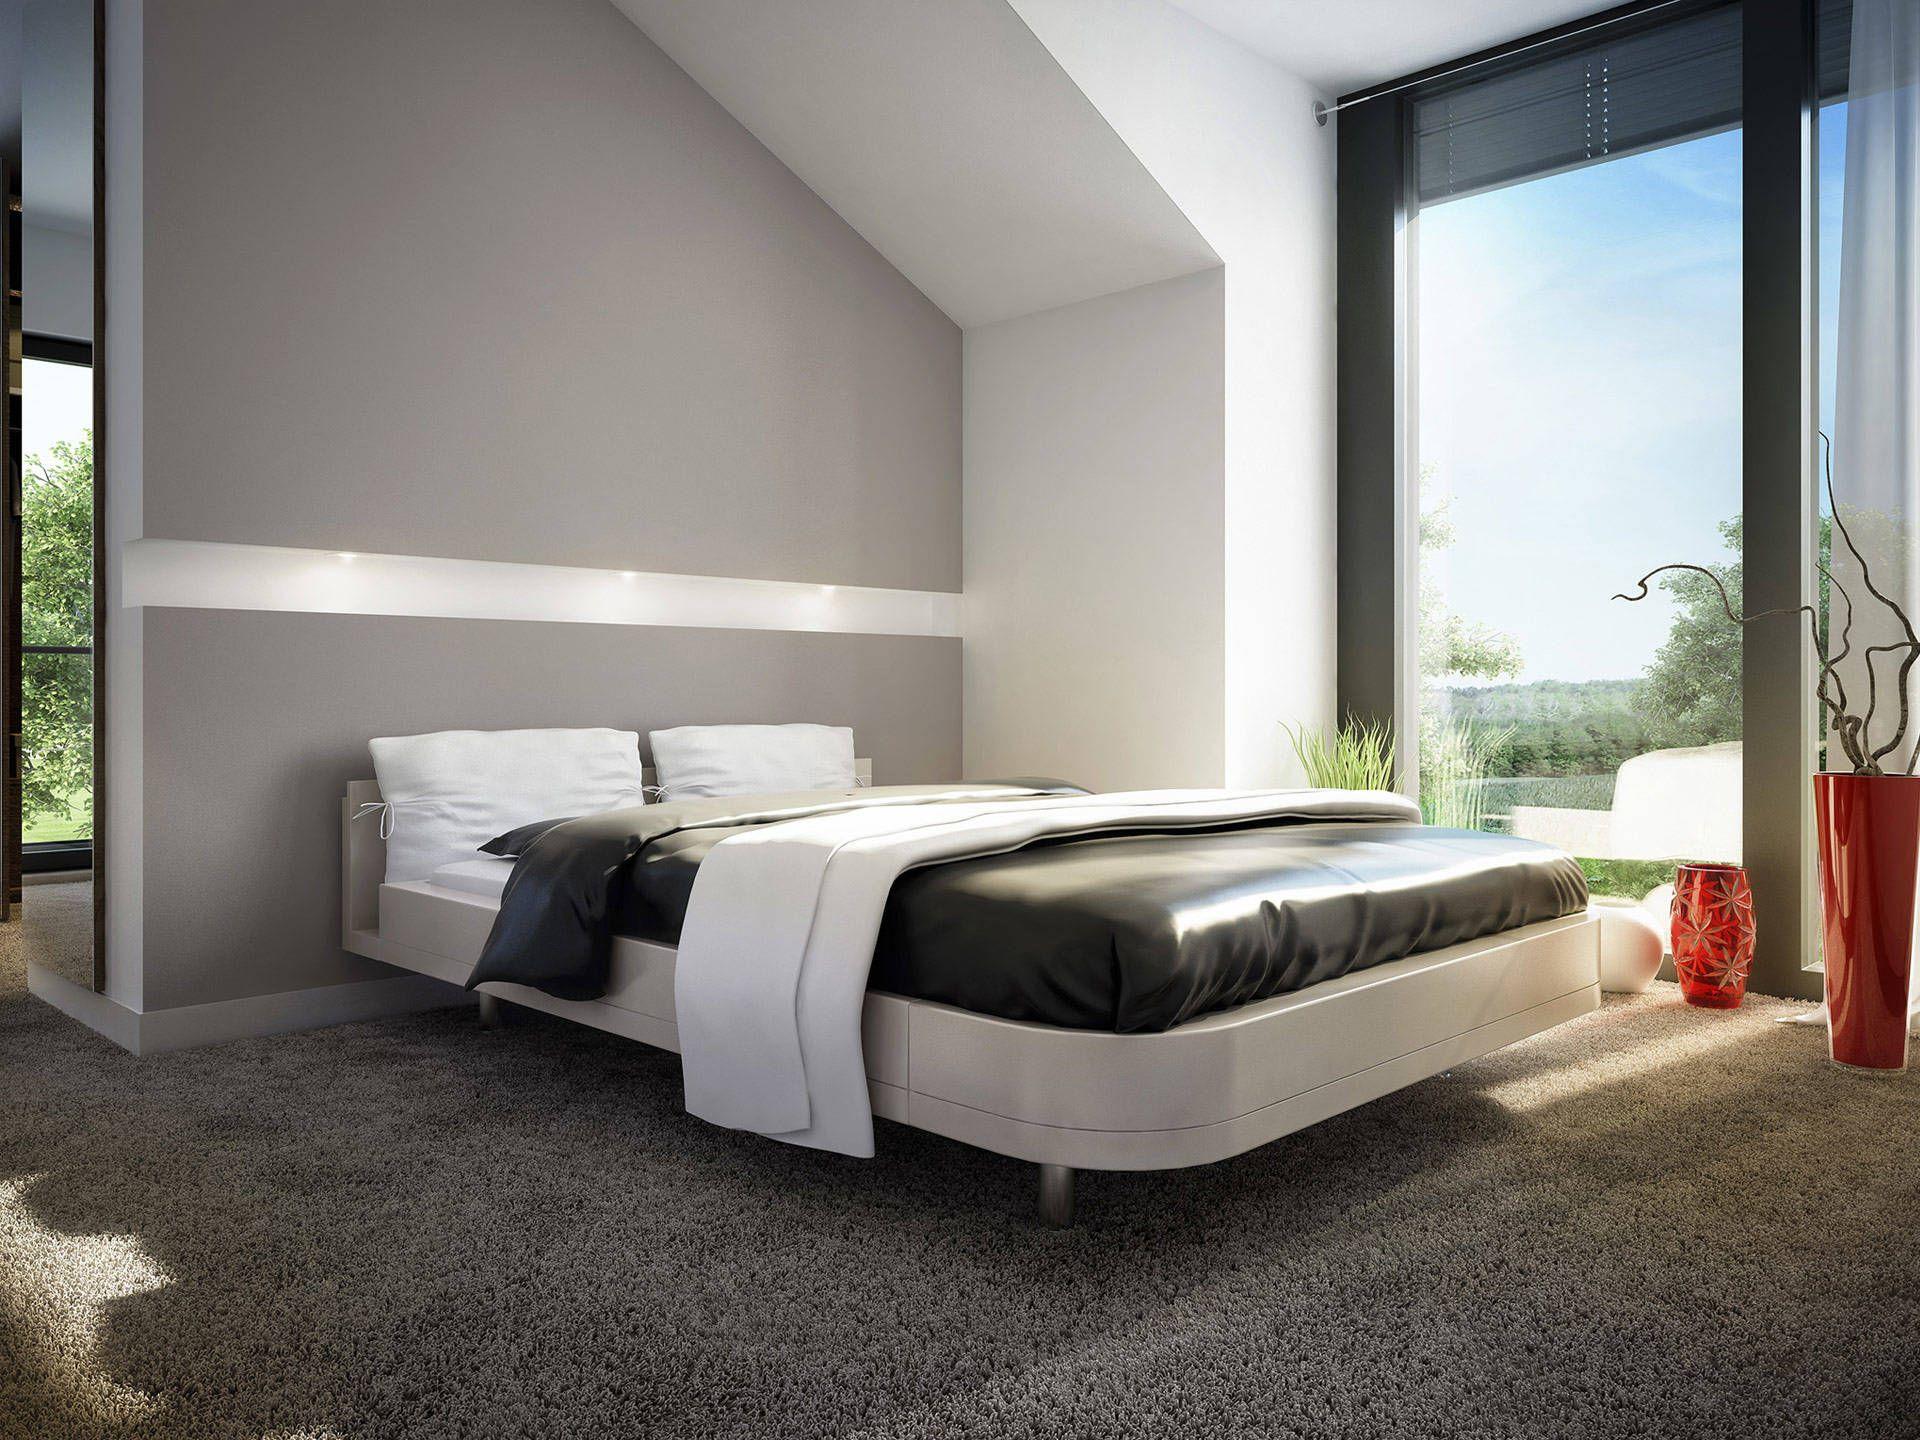 Schlafzimmer München schlafzimmer im musterhaus concept m 163 münchen bien zenker